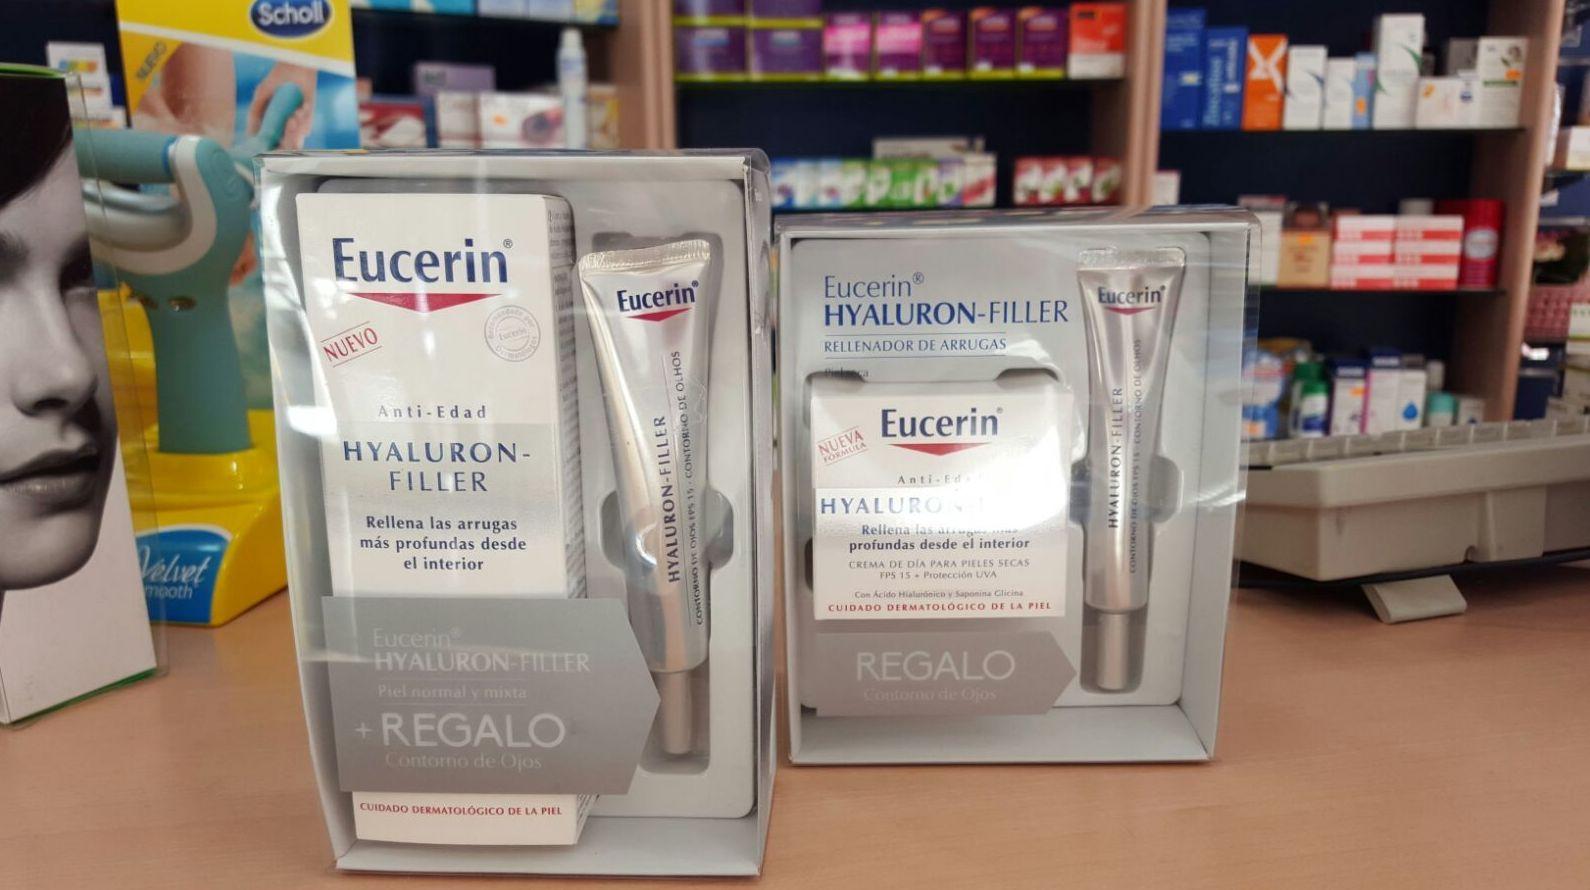 Eucerin Hyaluron – Filler (rellenador de arrugas): Productos y Promociones de Farmacia Lucía